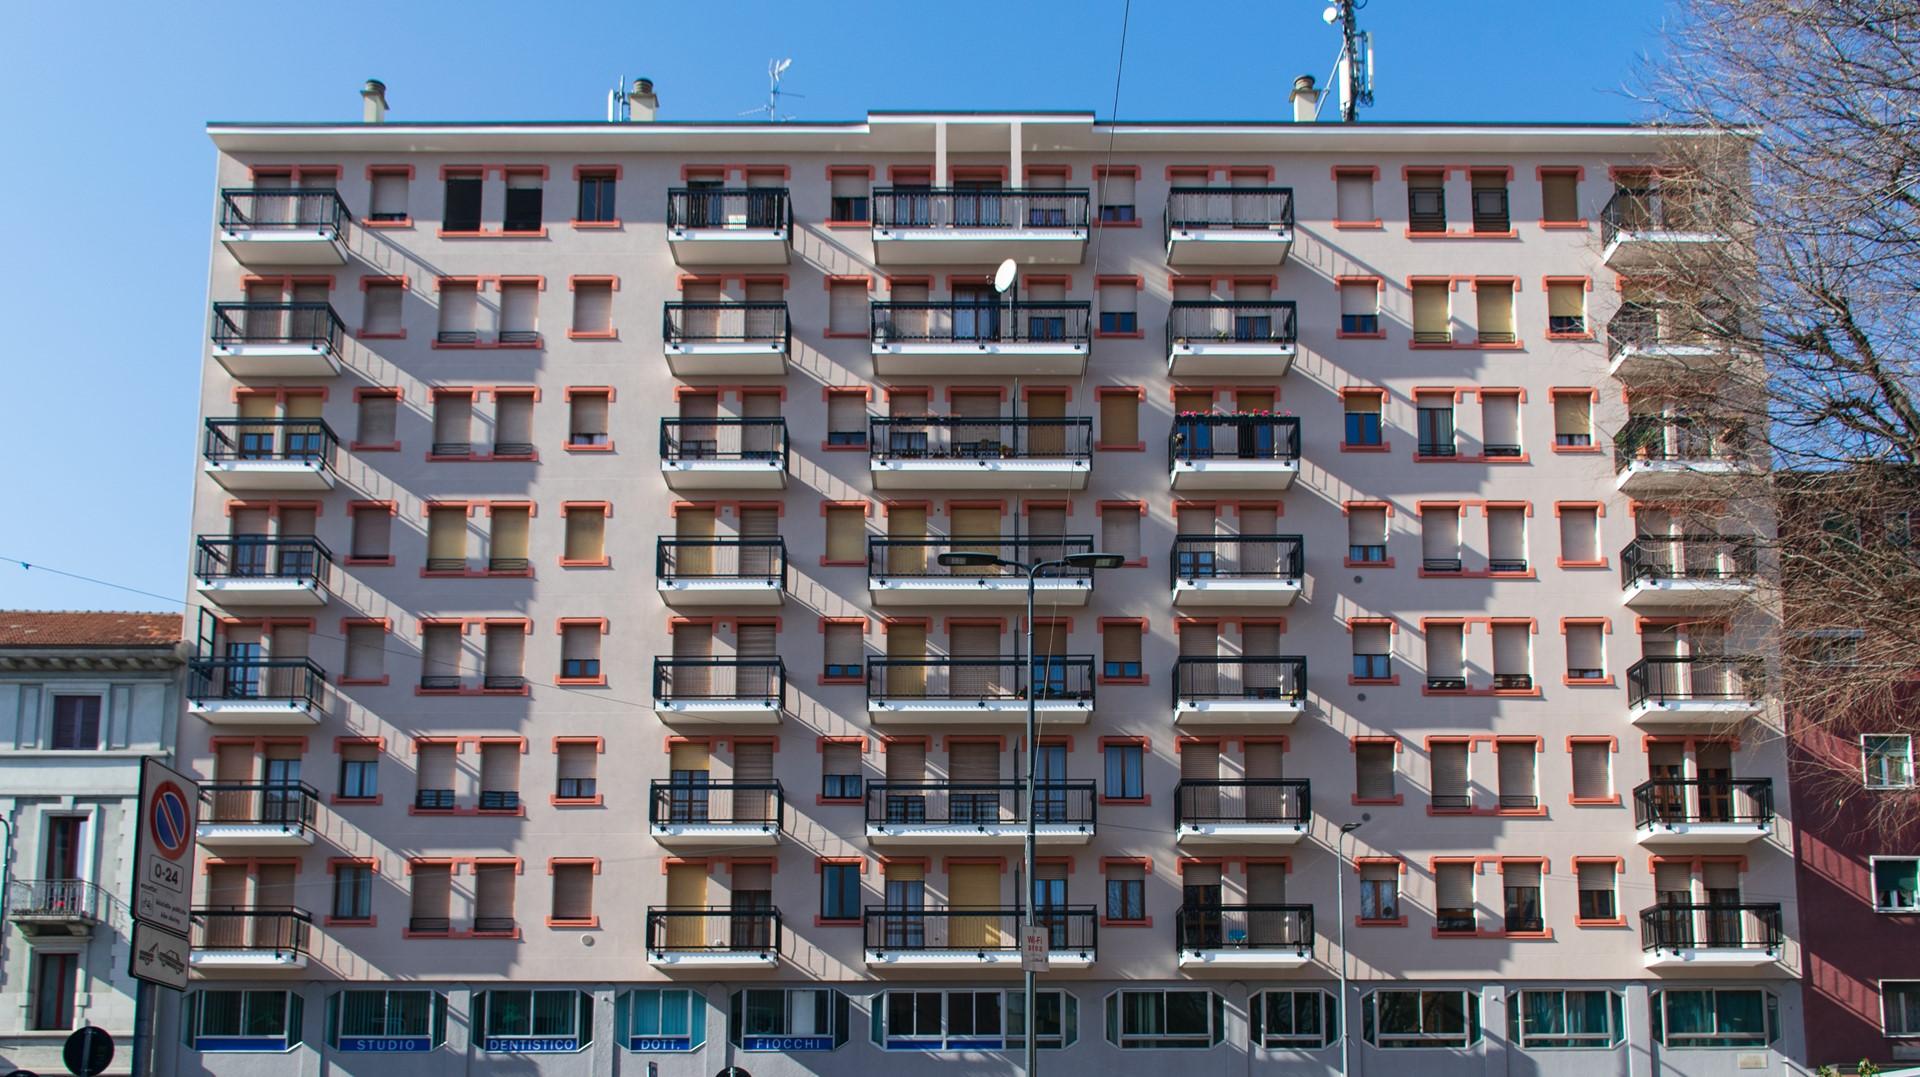 Riqualificazione energetica e conservativa: edificio in Piazza Dergano, Milano